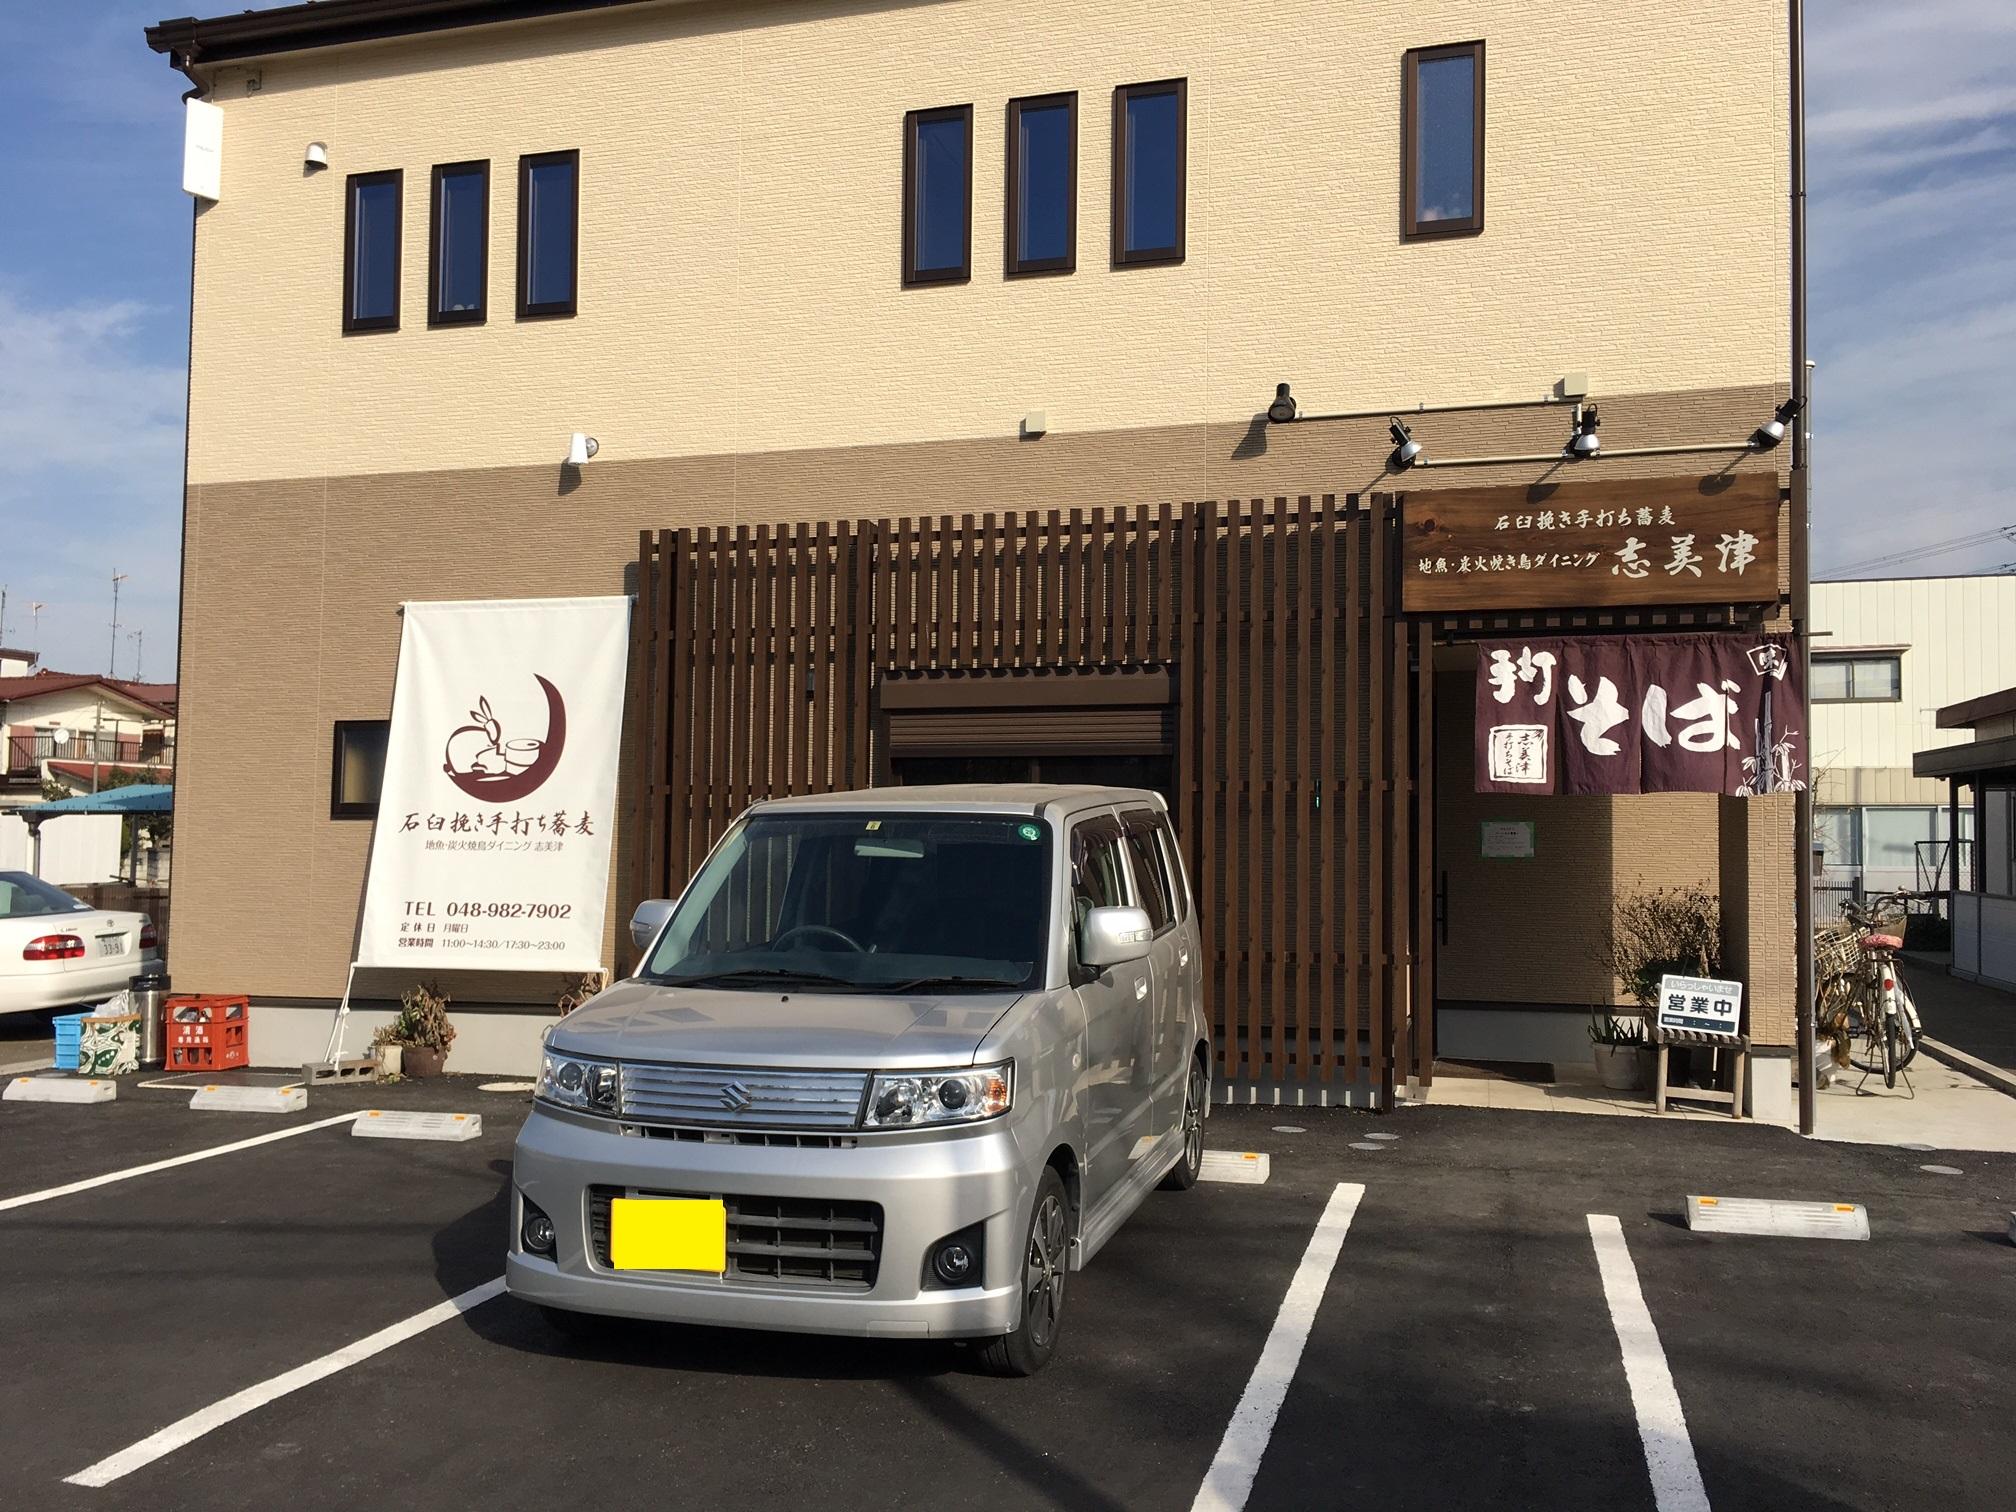 石臼挽き手打ち蕎麦 志美津(埼玉県吉川市、そば・うどん)